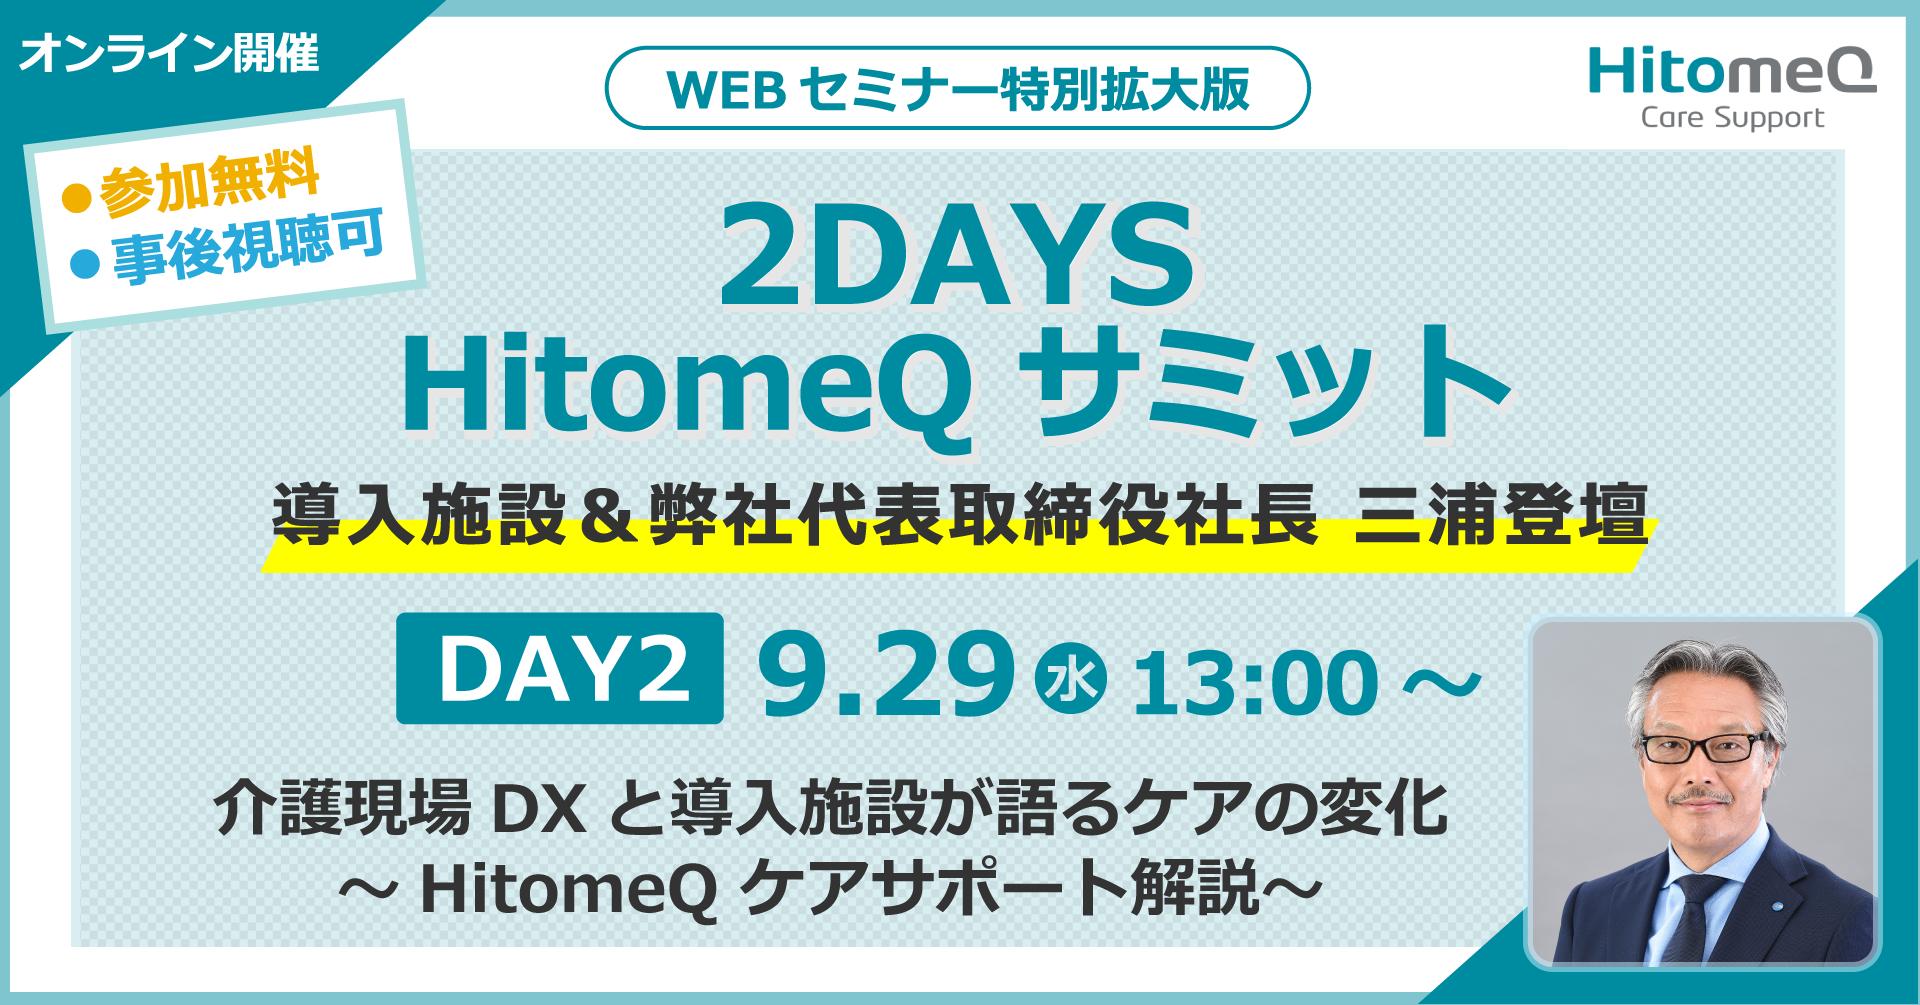 介護現場DXと導入施設が語るケアの変化~HitomeQ ケアサポート解説~